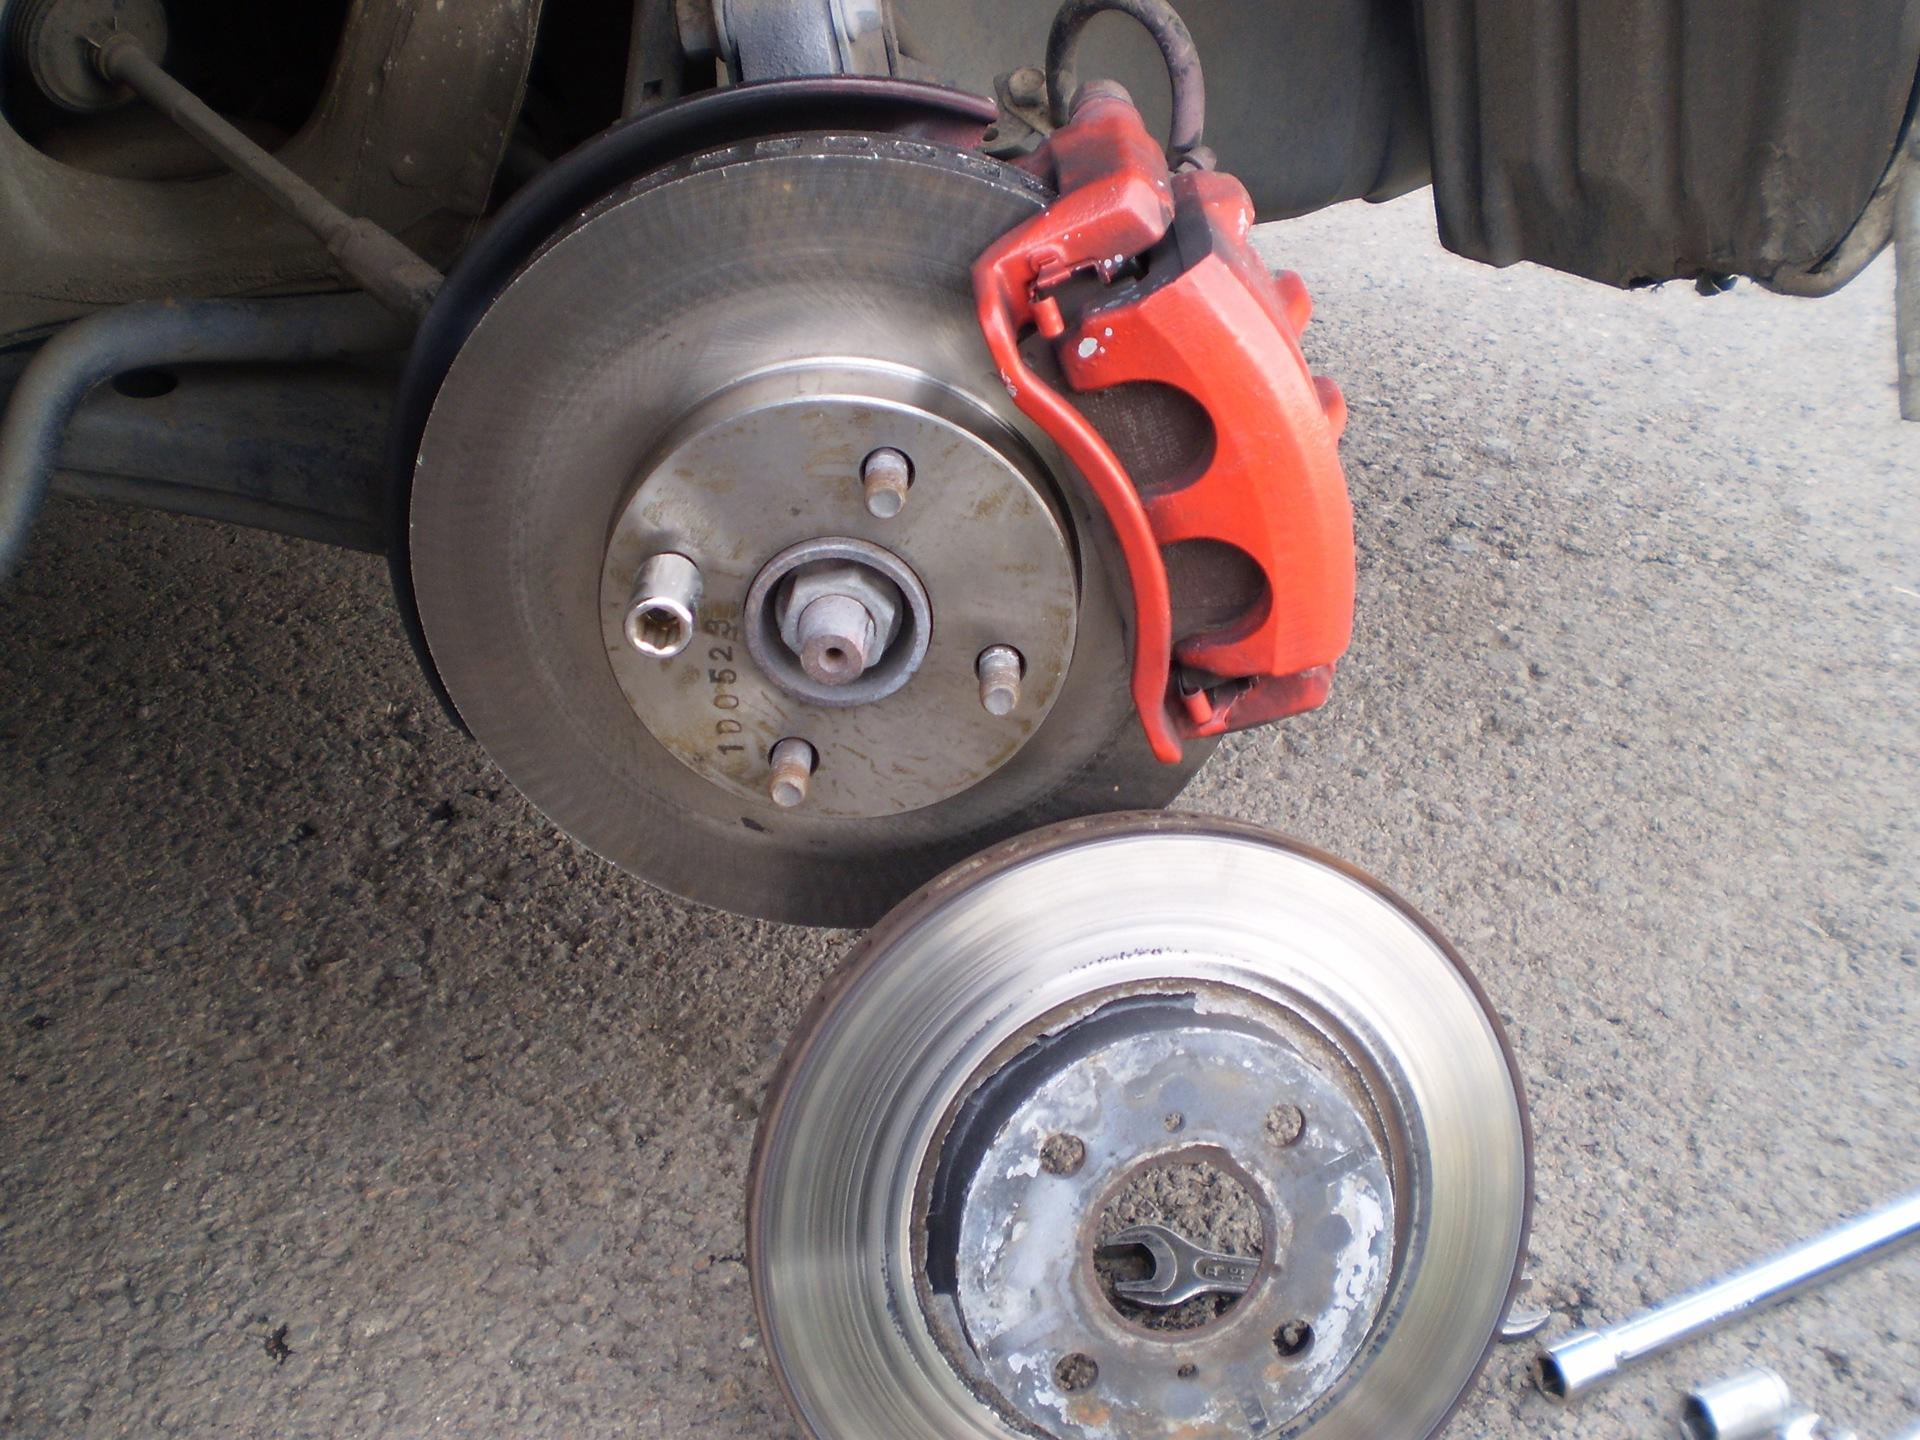 термобелья Craft бьет руль при торможении термобелье, как